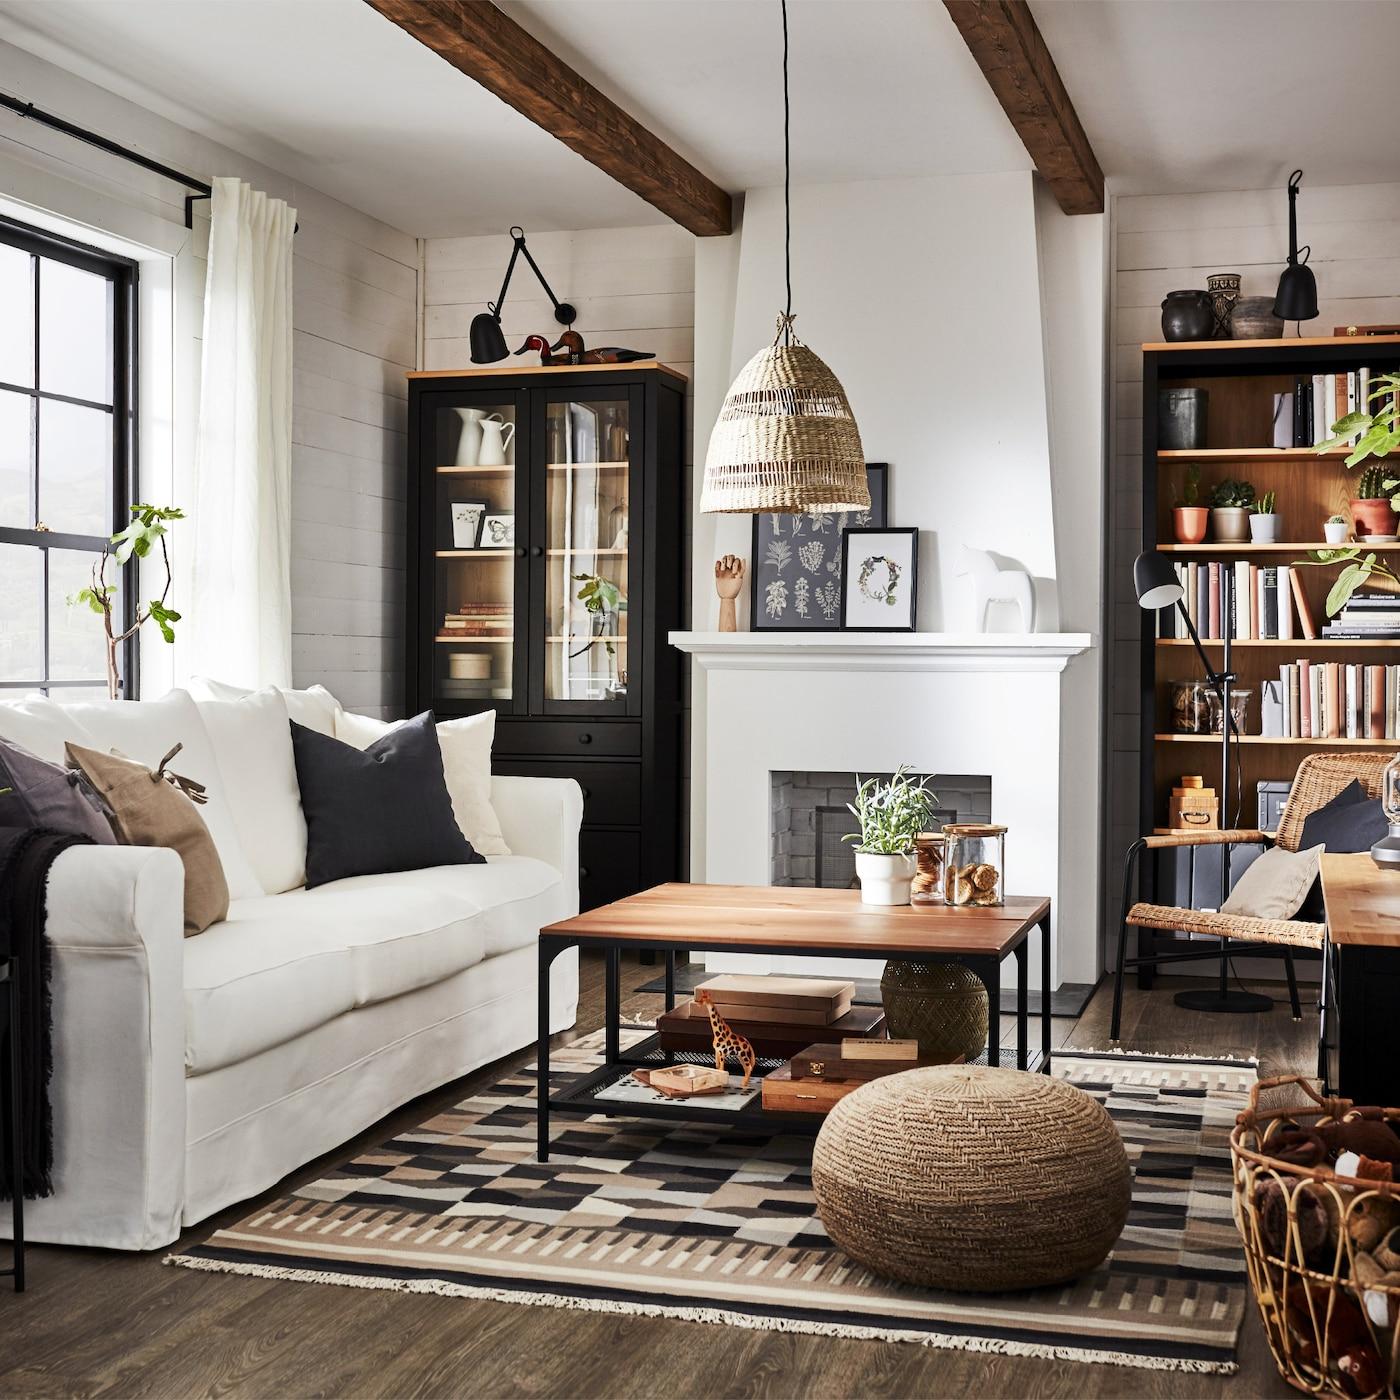 Un salón con elementos tradicionales y de madera - IKEA